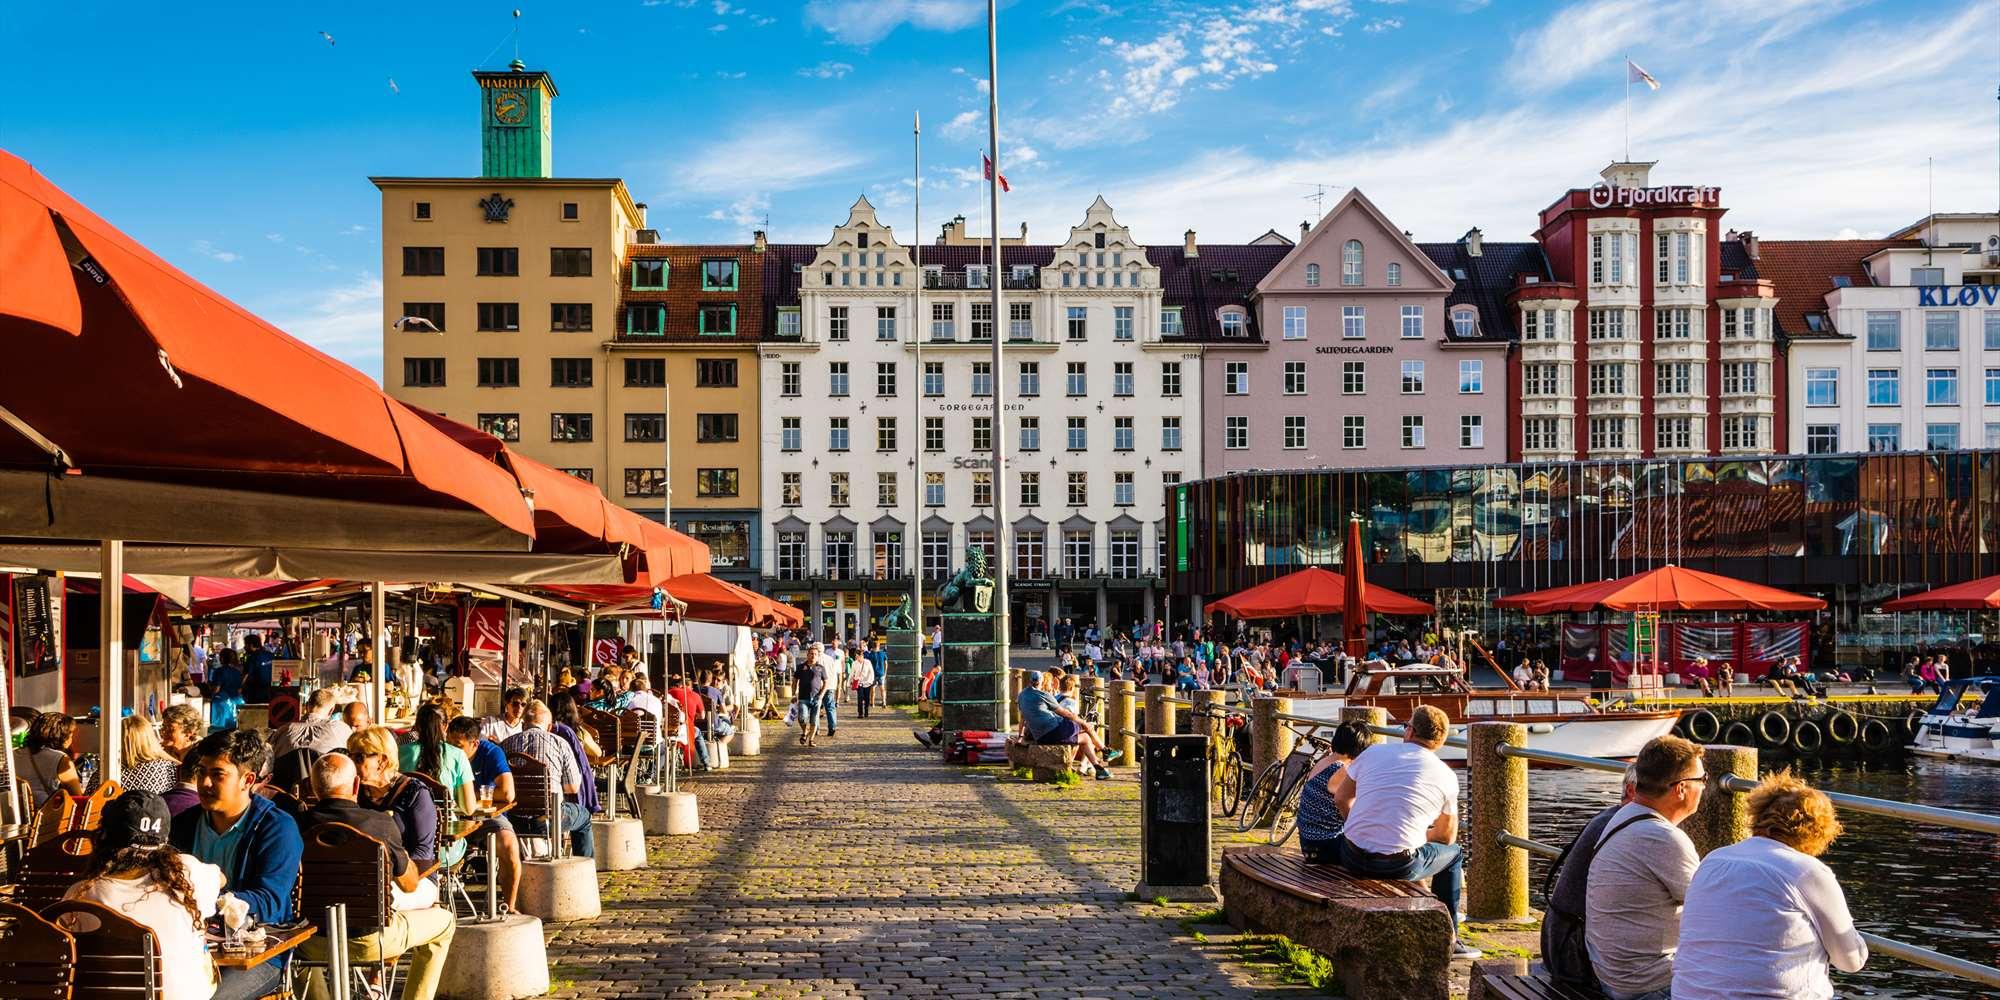 ผลการค้นหารูปภาพสำหรับ fish market Bergen norway